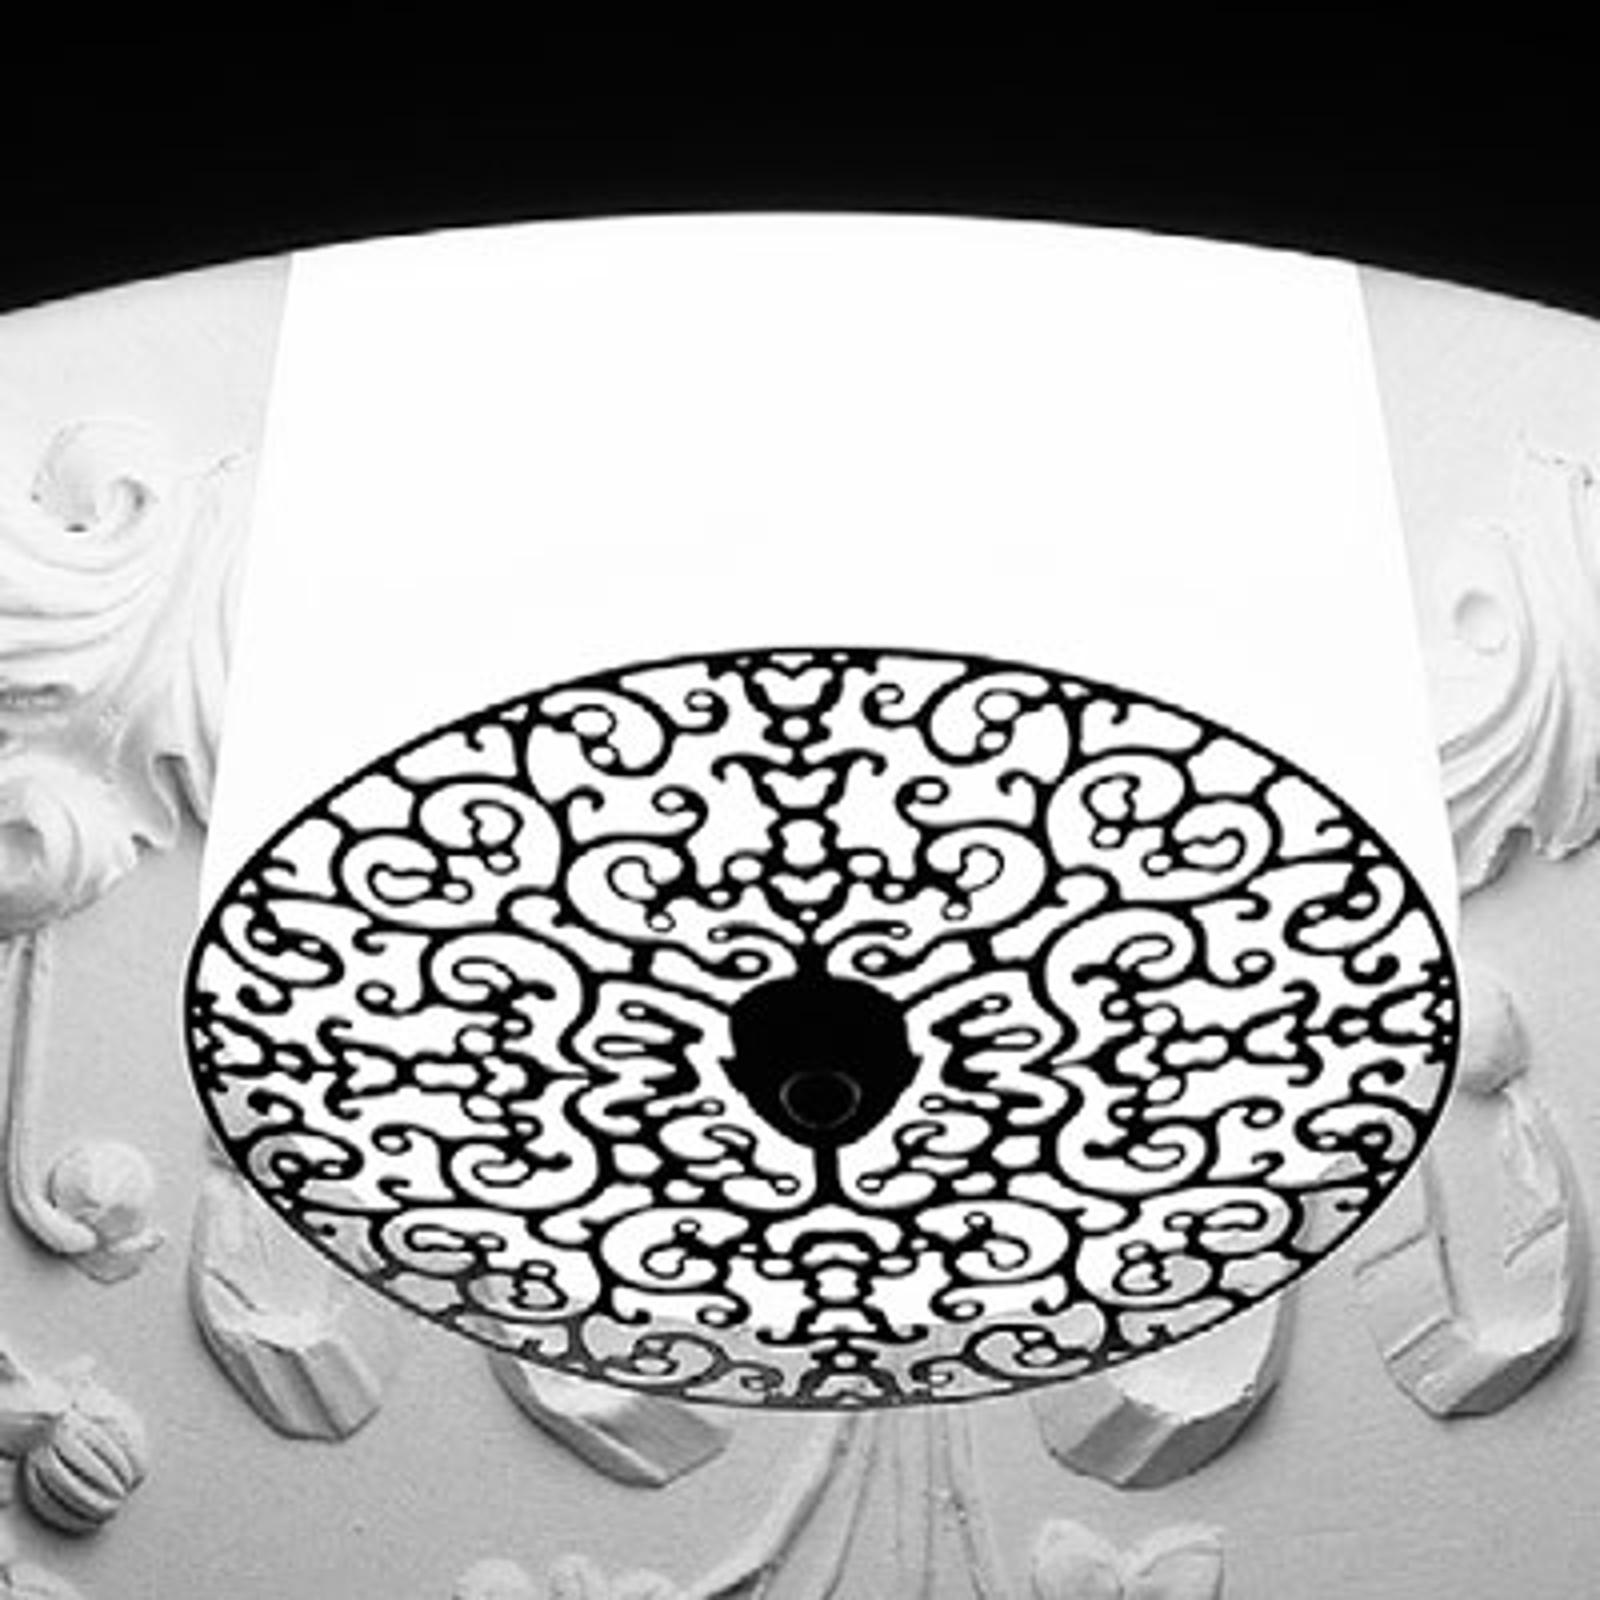 Dekorativ Skygarden Recessed indbygningslampe